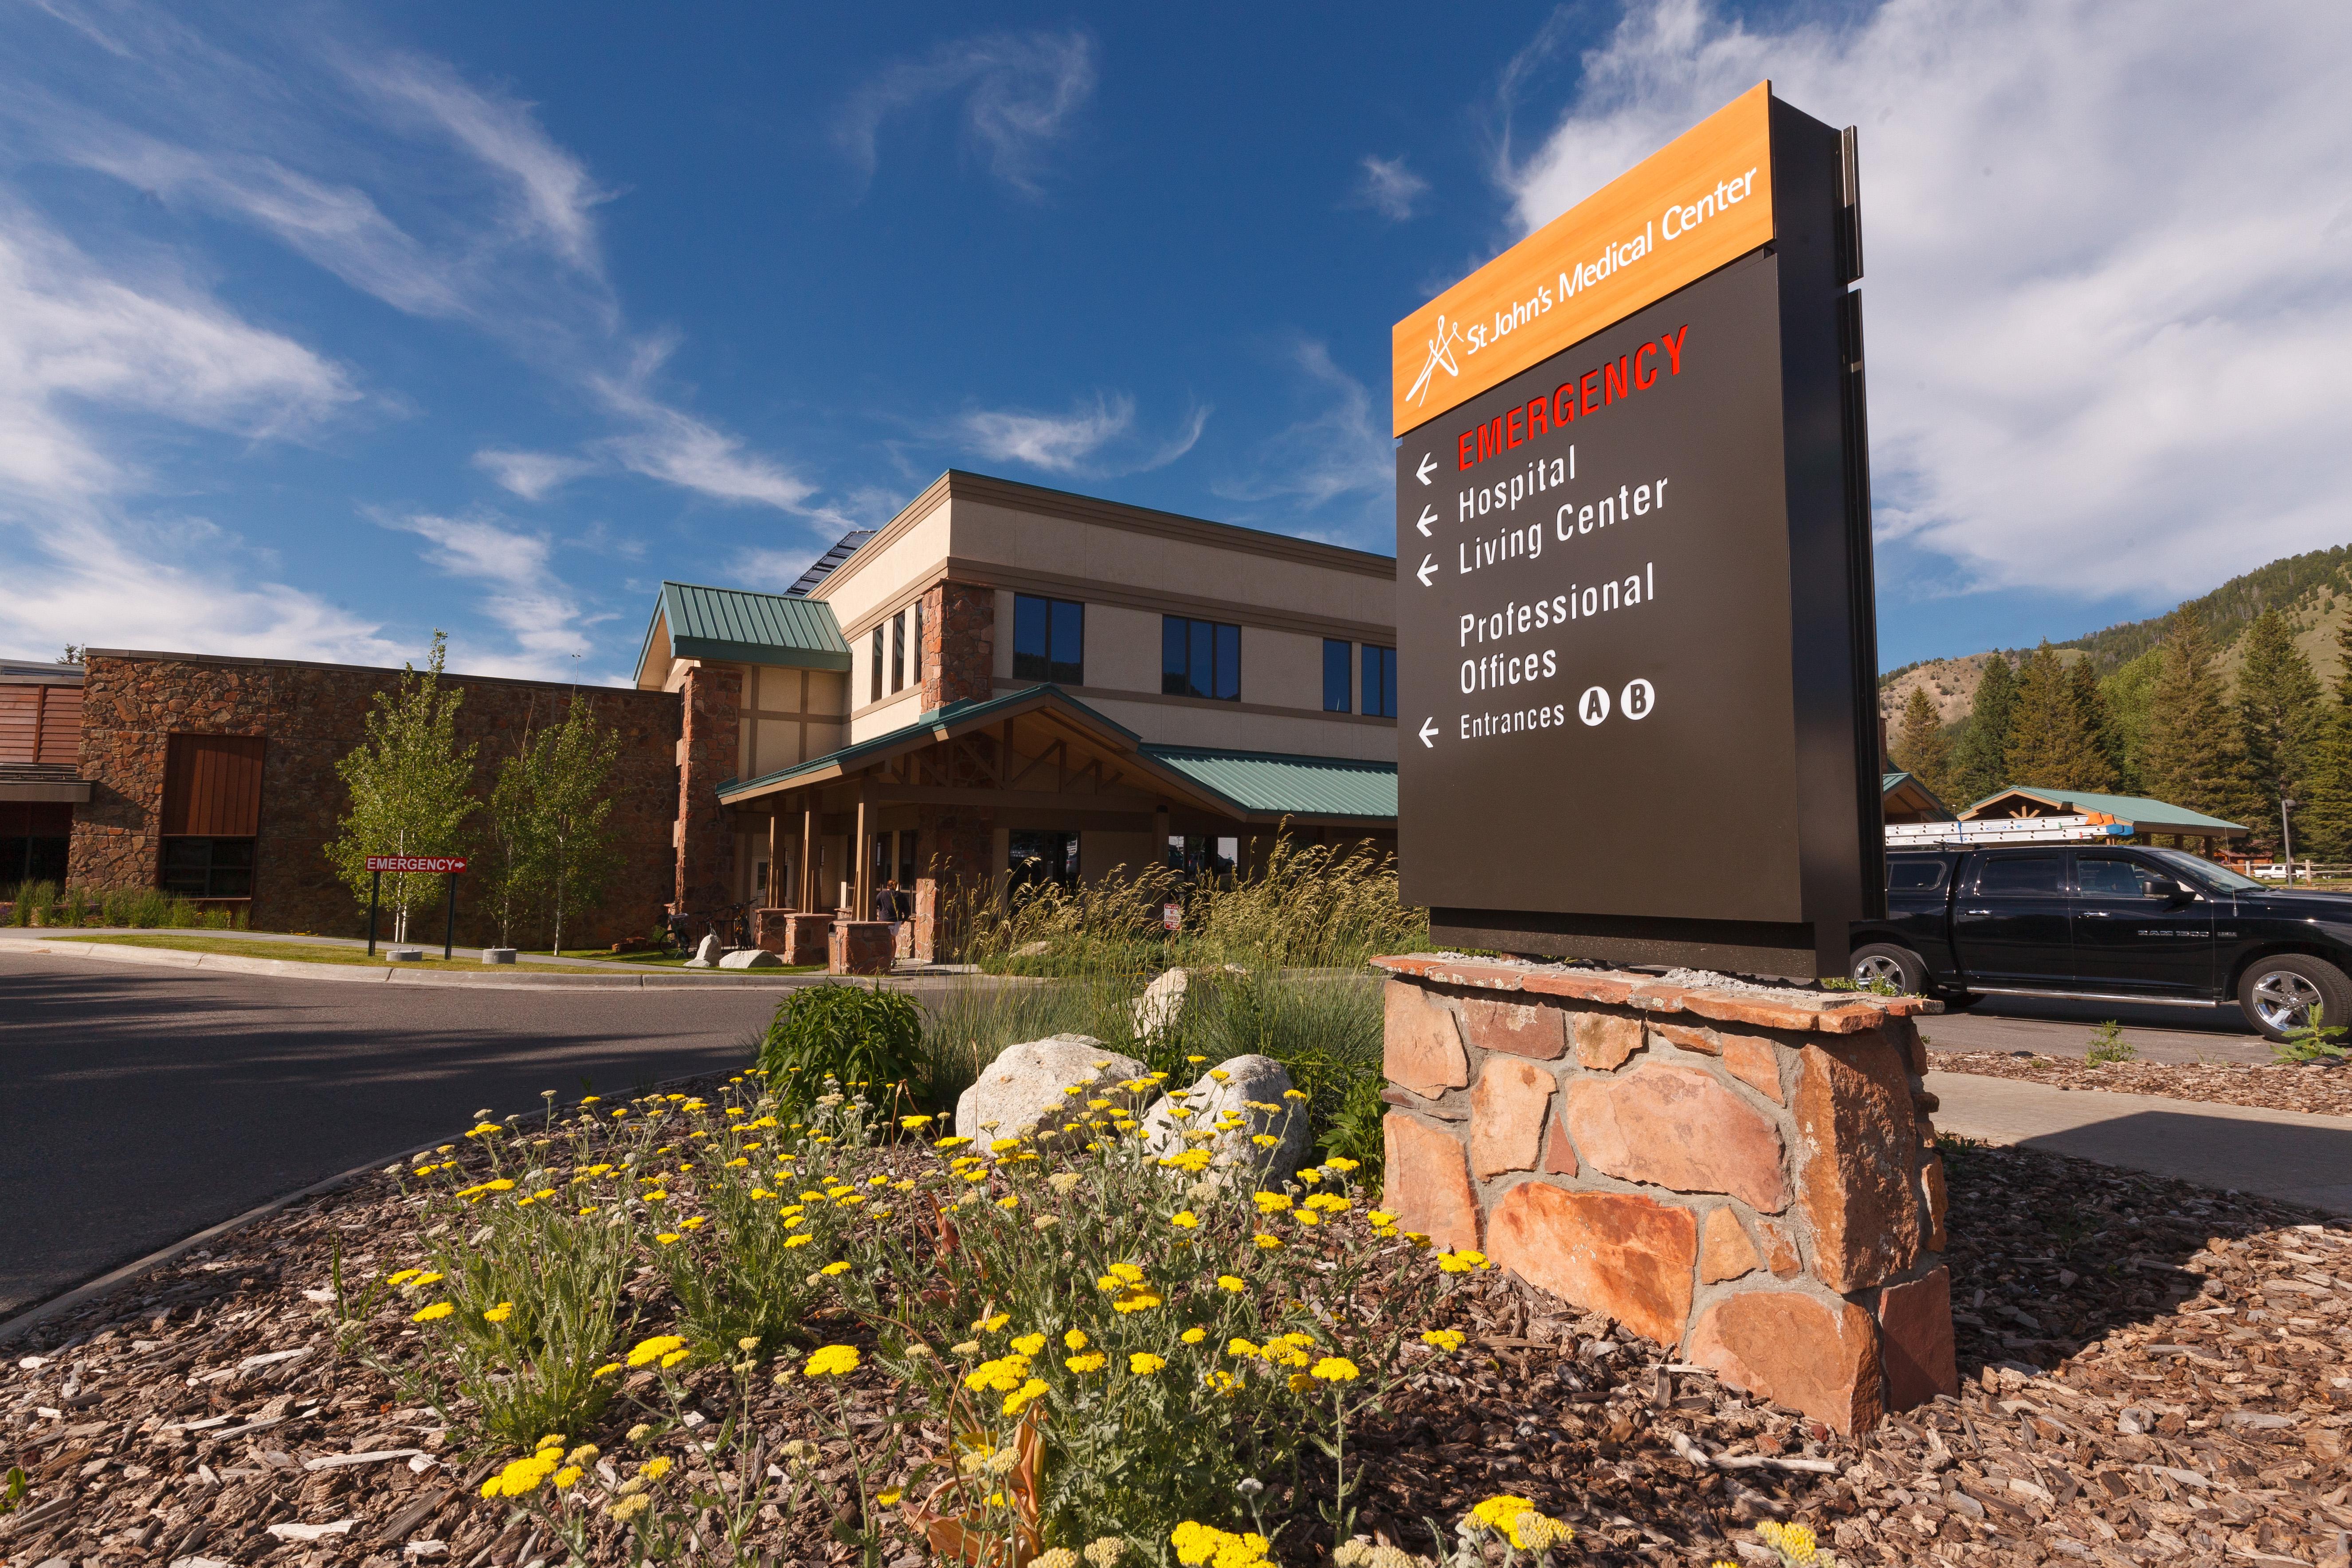 Beaupre   St. John's Medical Center